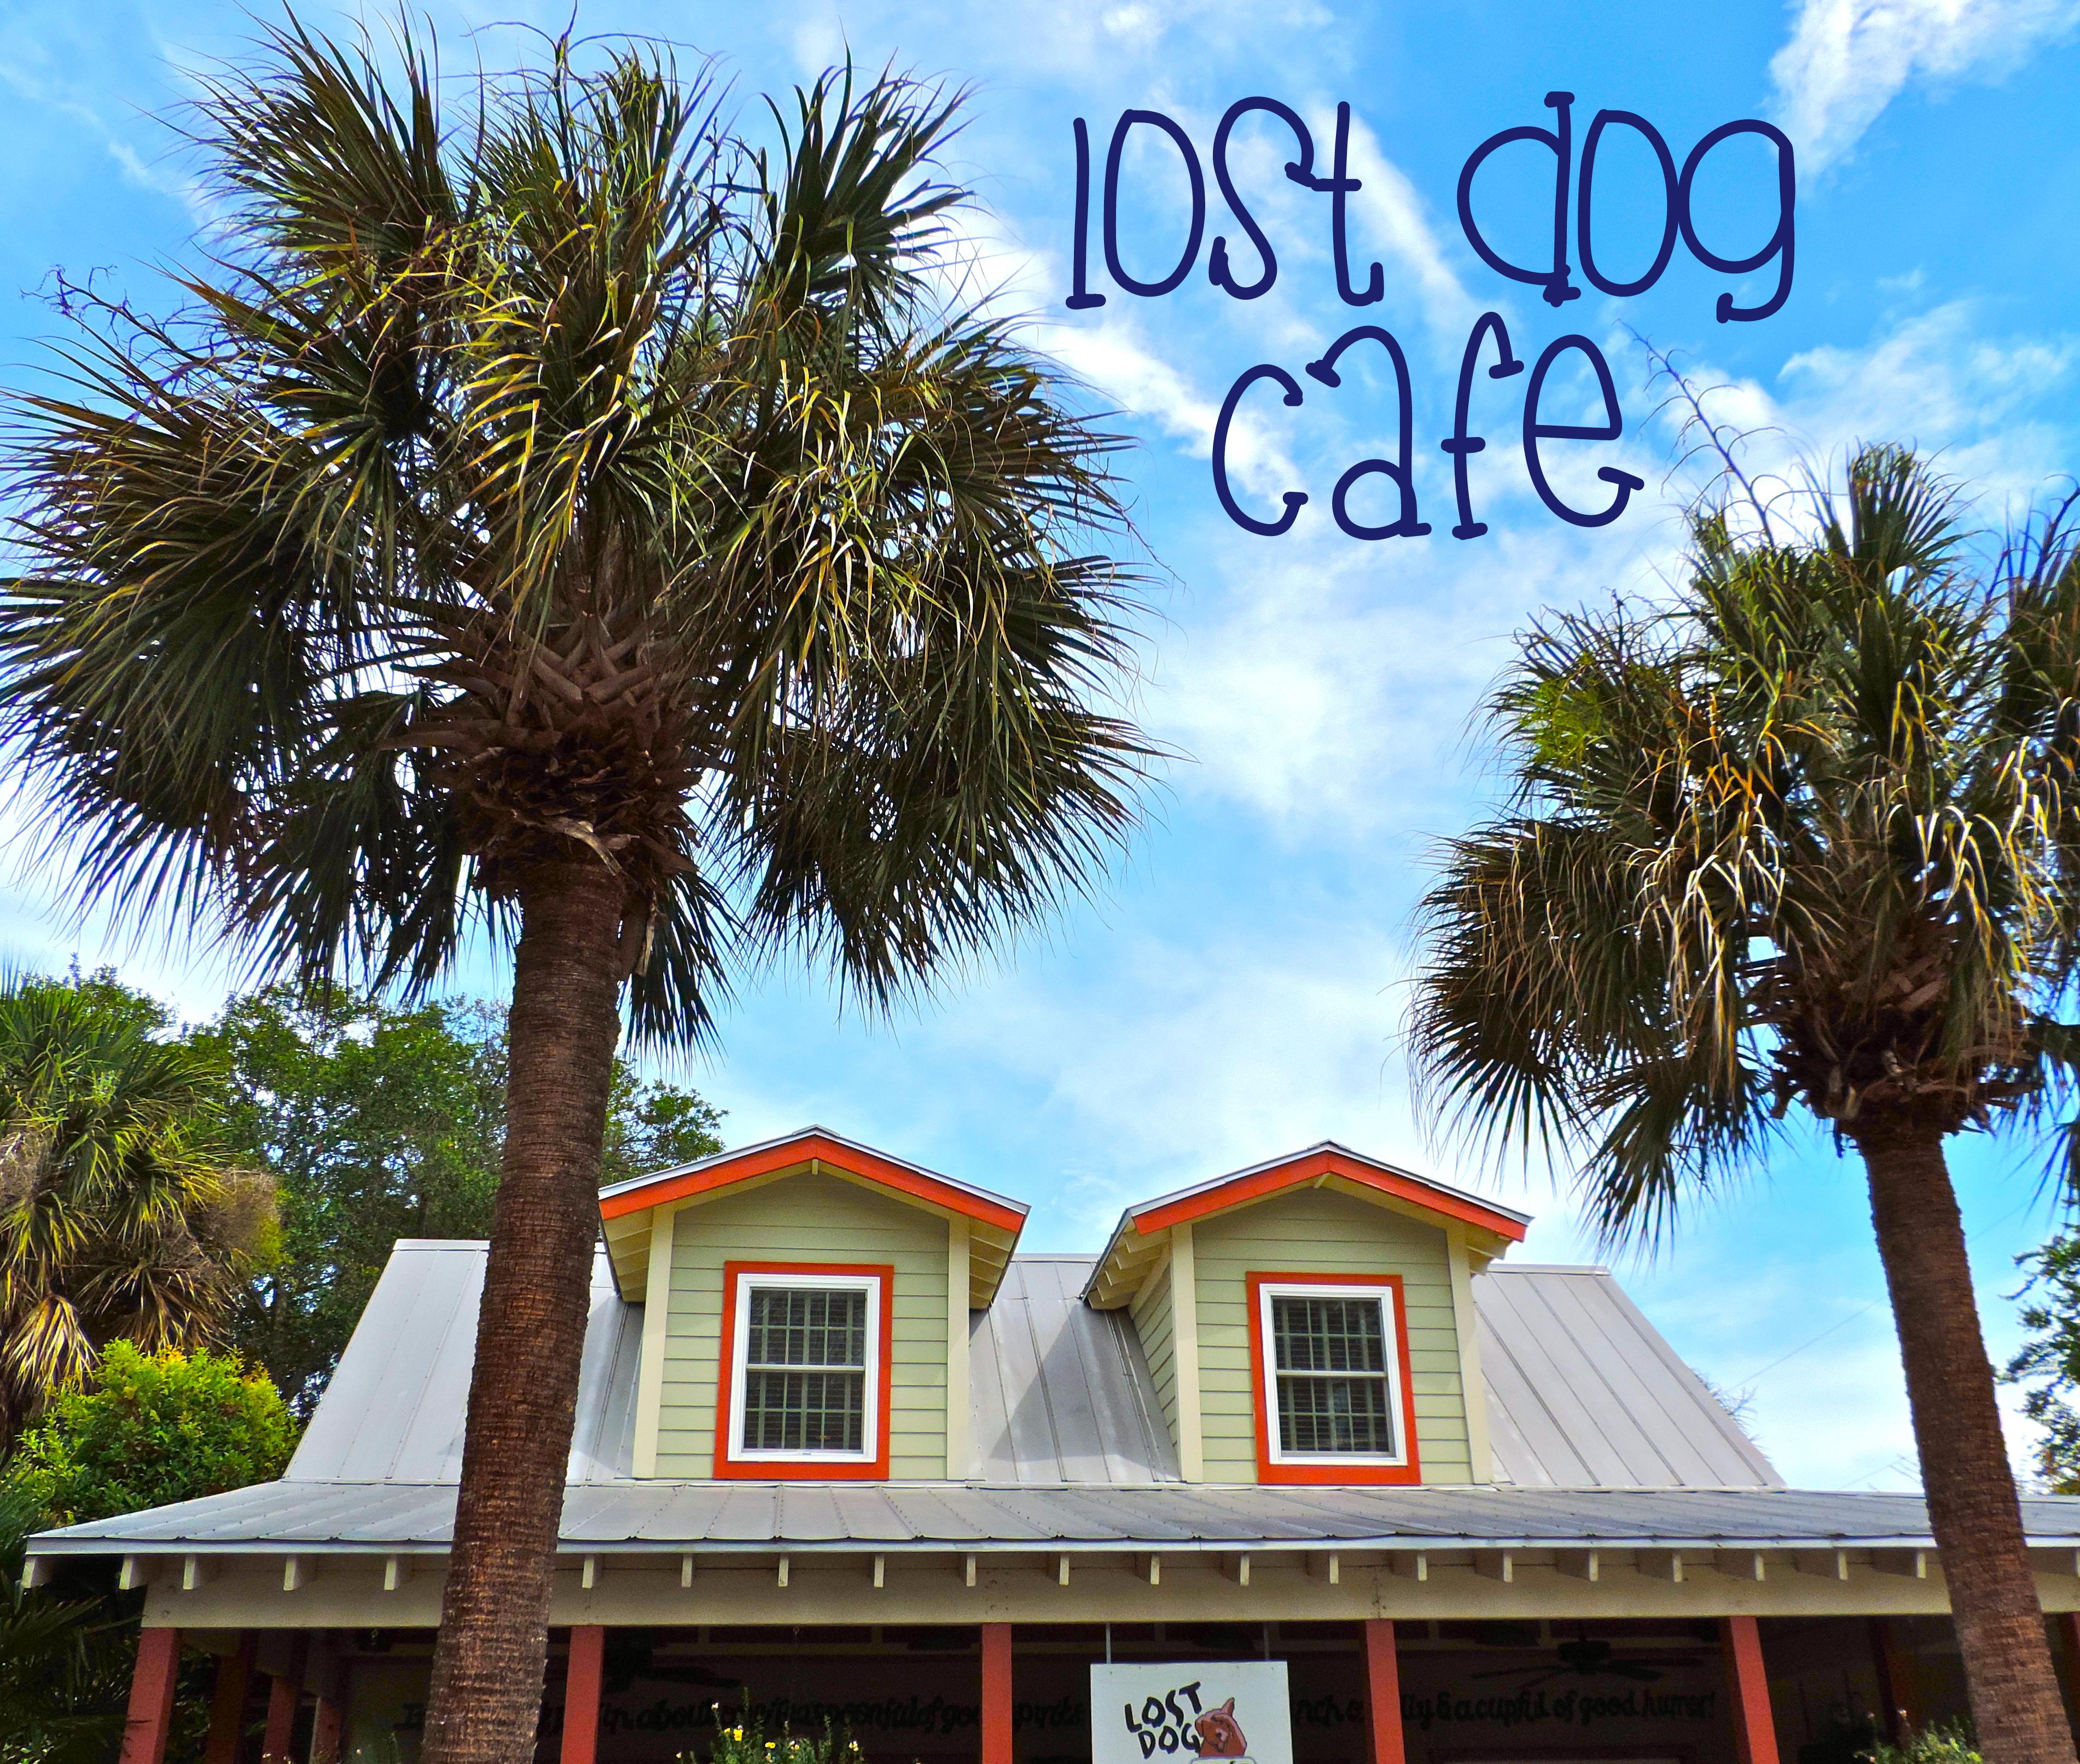 Lost_Dog_Cafe_Folly_Beach_South_Carolina